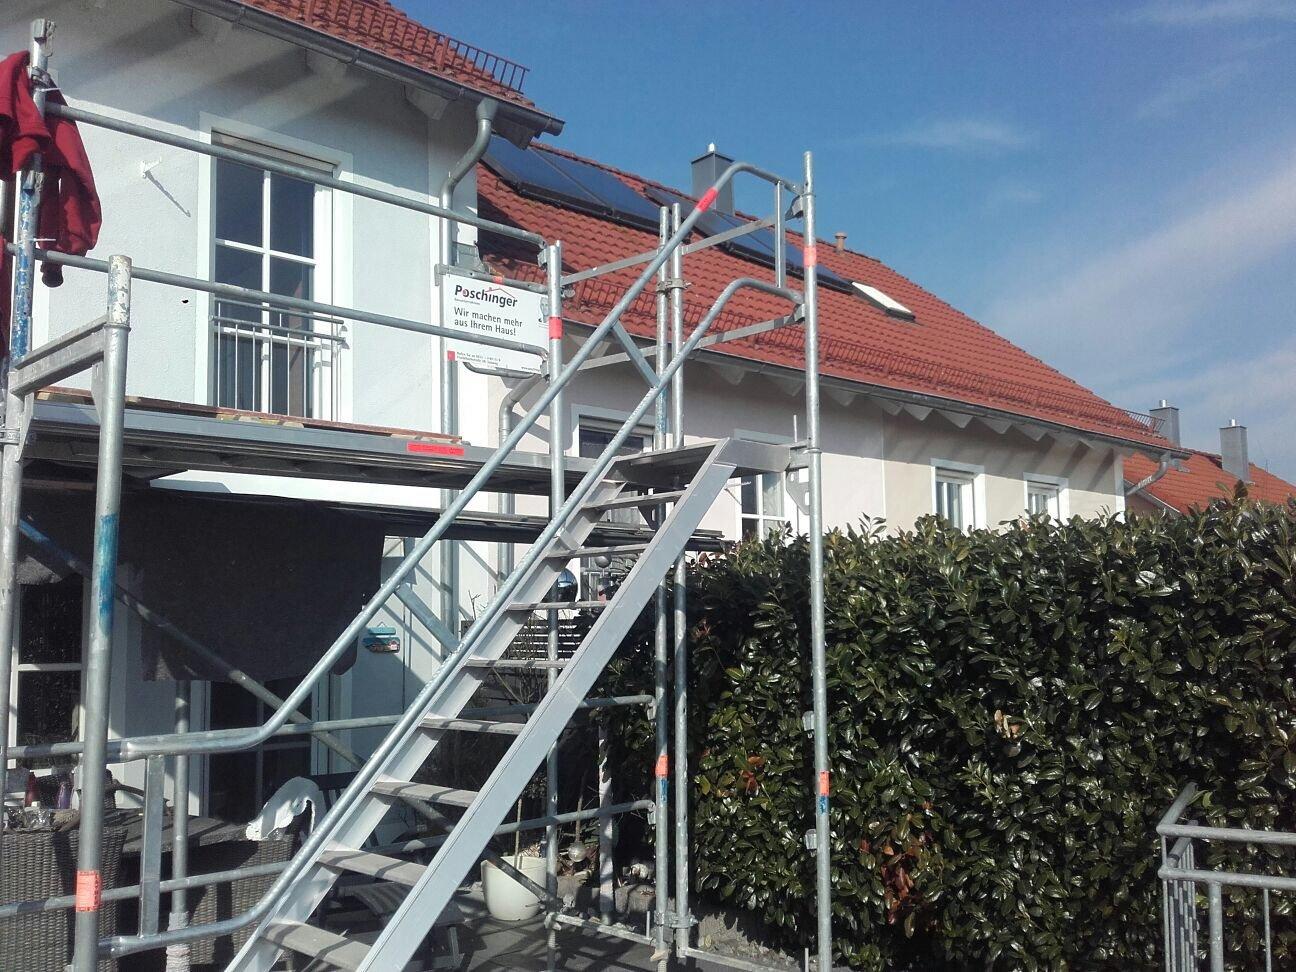 Bauunternehmen Passau aktuelles vom bauunternehmen poschinger in salzweg